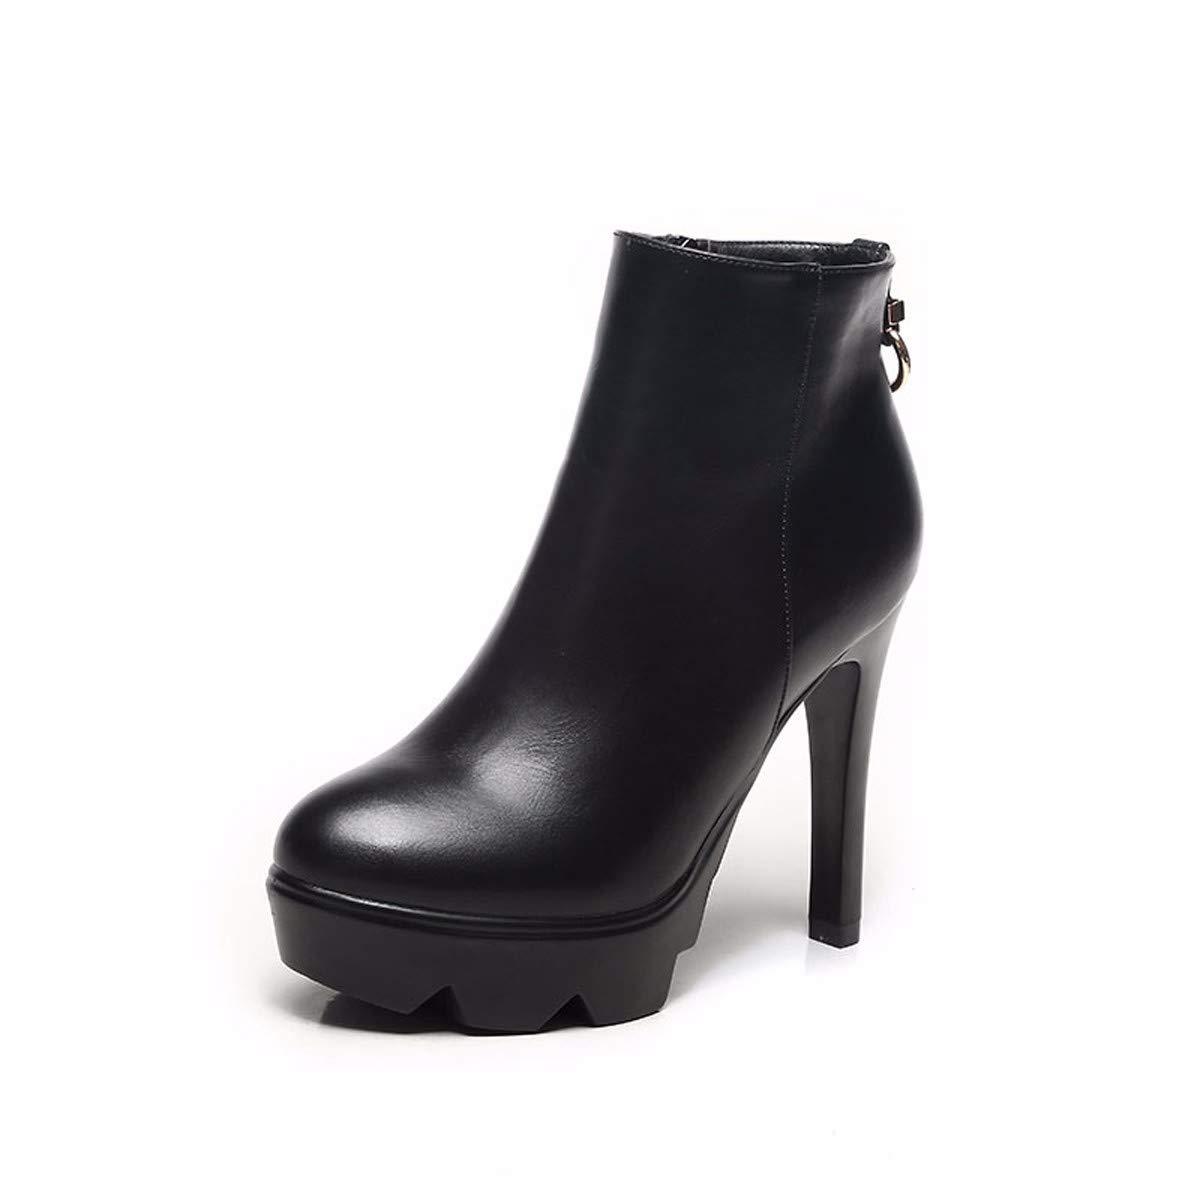 KPHY Damenschuhe/Im Winter Ist Es Höchste 11Cm, Mode, Wasserdichte Plattform, Gut Bei Fuß, Wild, Samt Und Leder, Seite Reißverschluss, Kurze Stiefel.